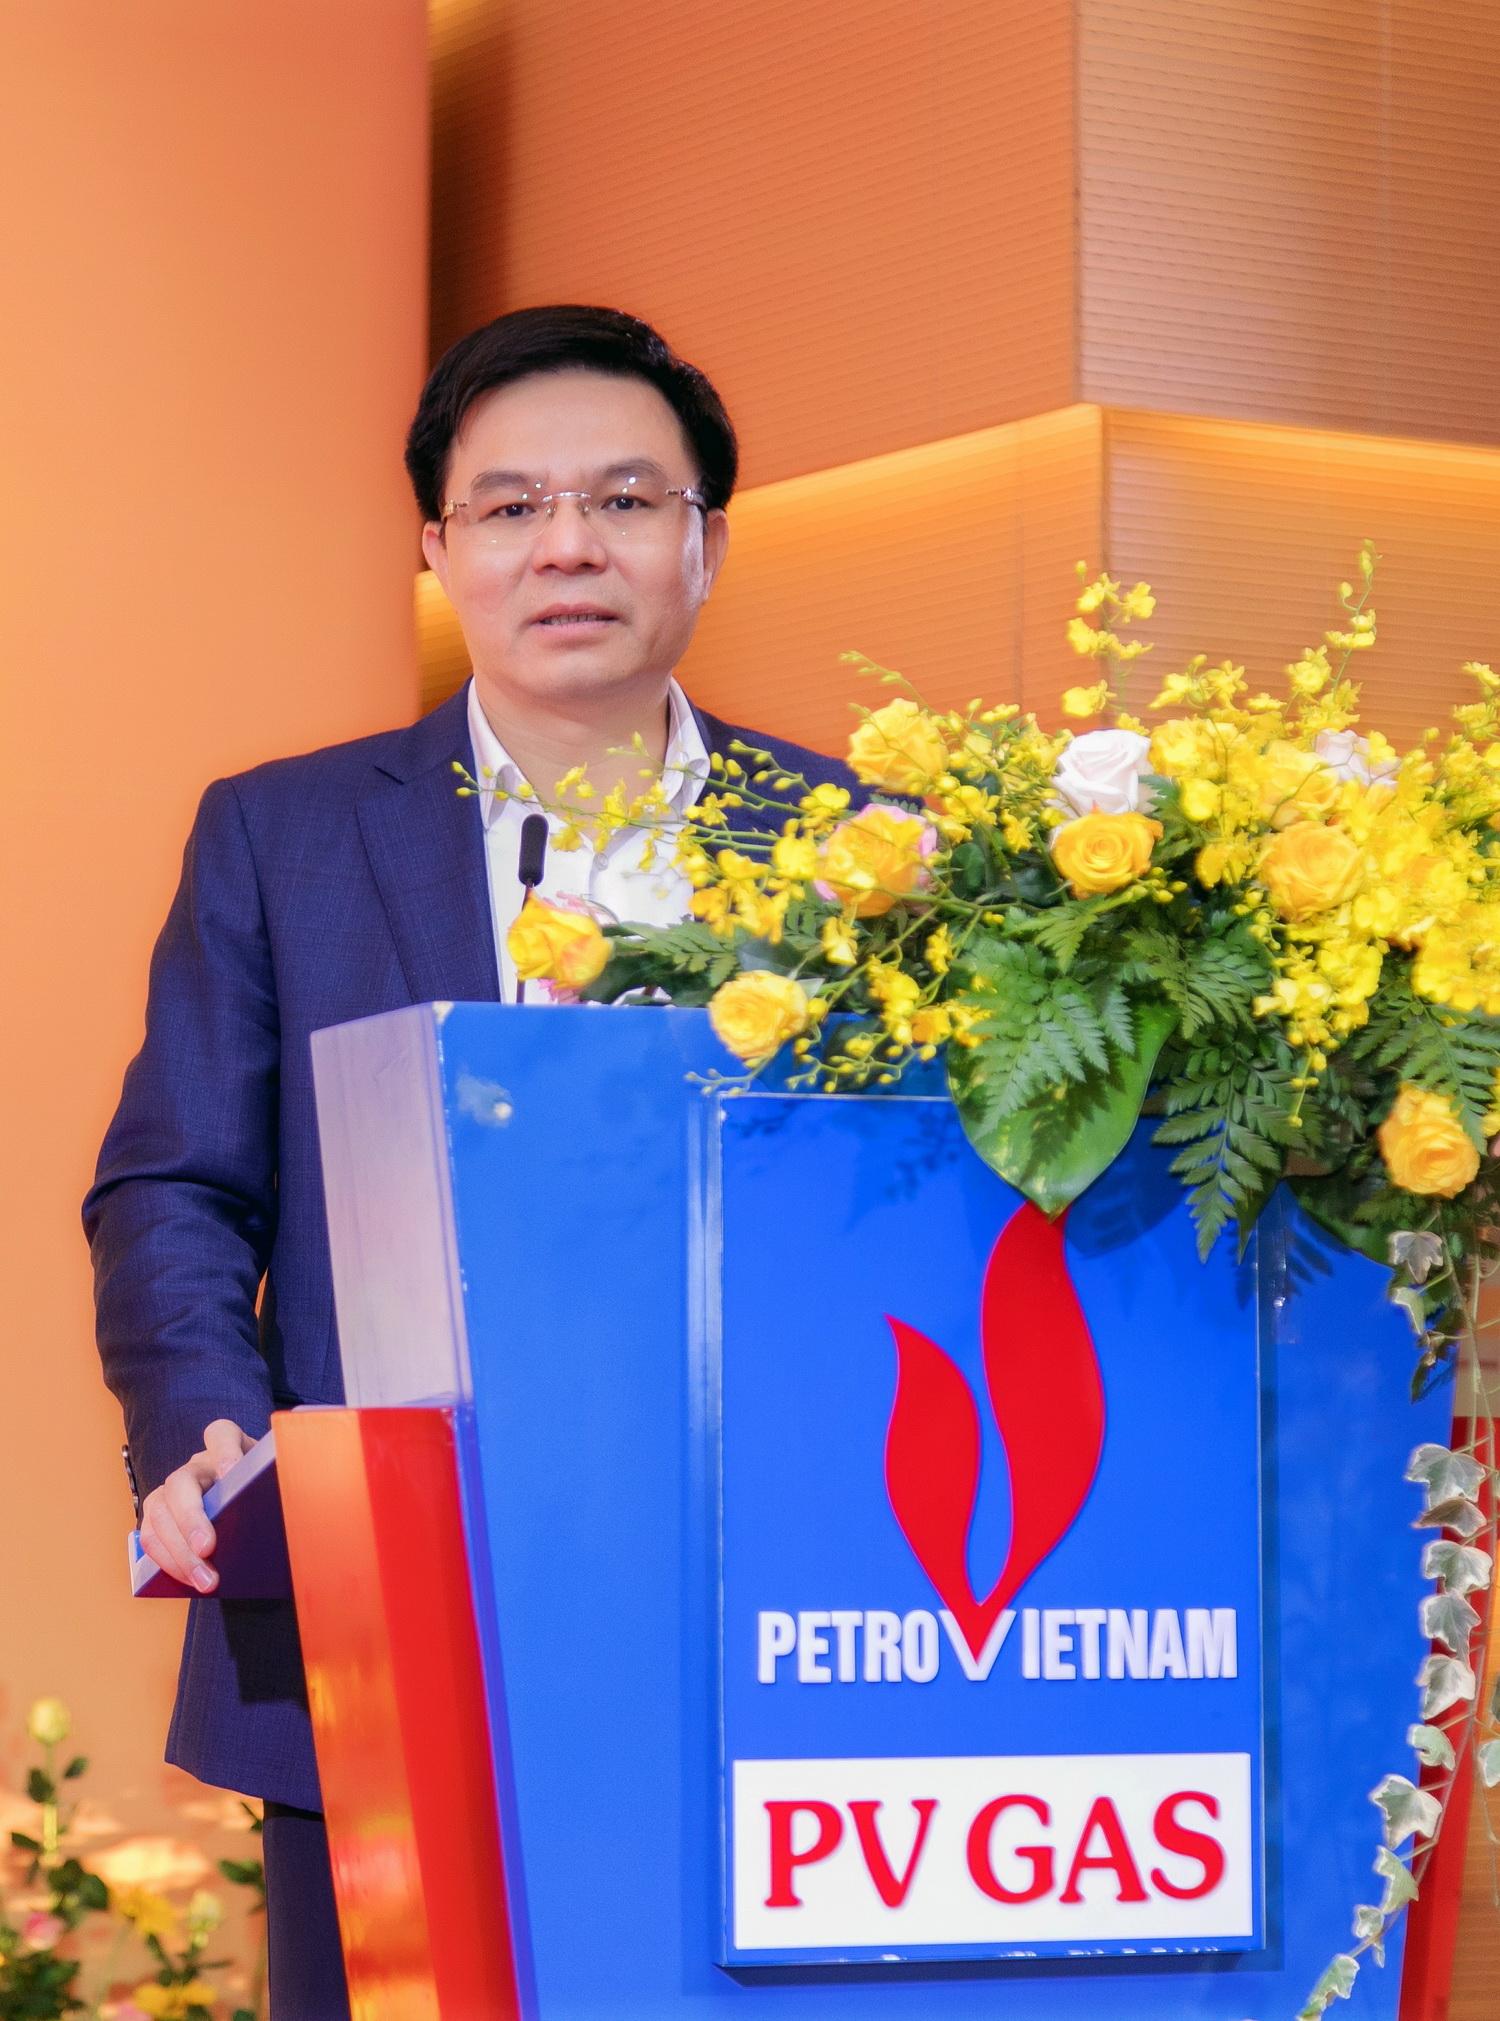 Phát biểu chúc mừng của ông Lê Mạnh Hùng – Tổng Giám đốc PVN